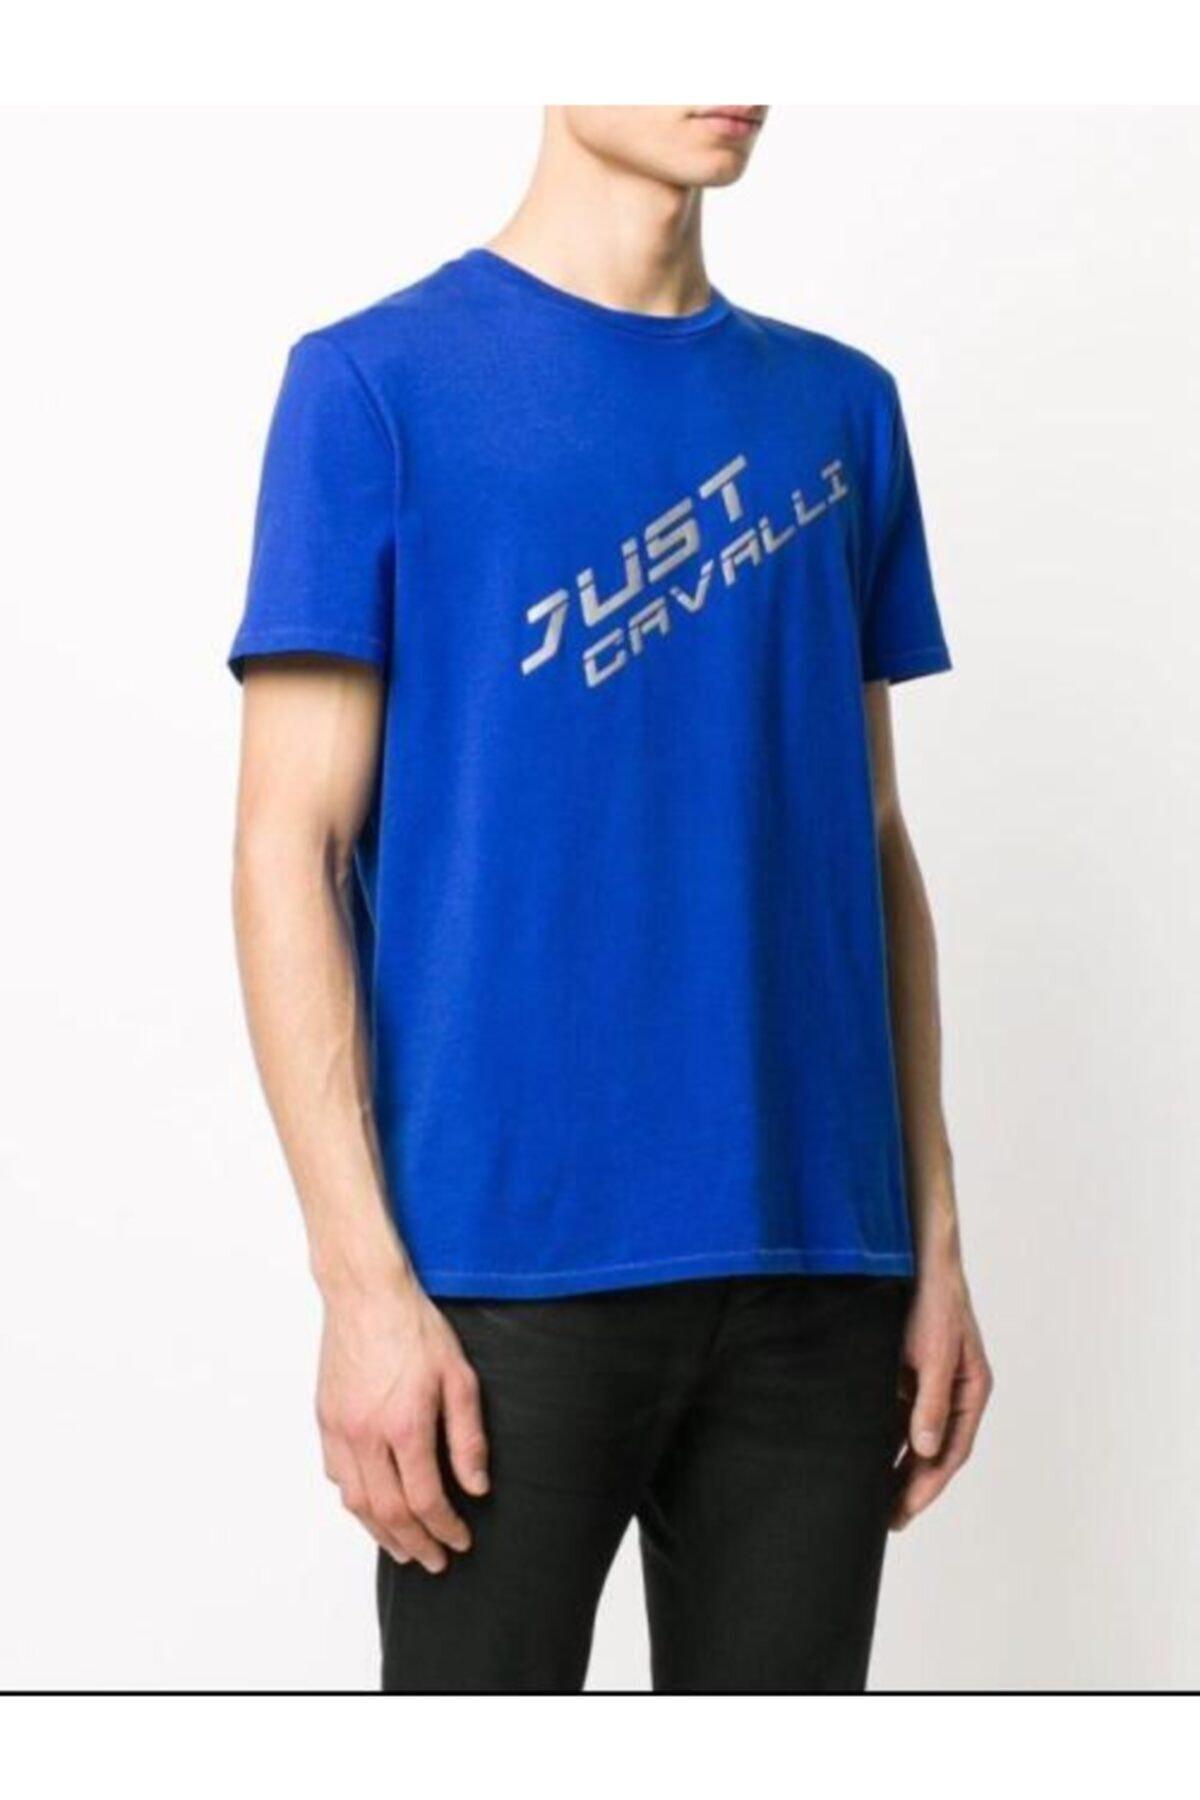 Just Cavalli Reflektör Baskı T-shirt 2